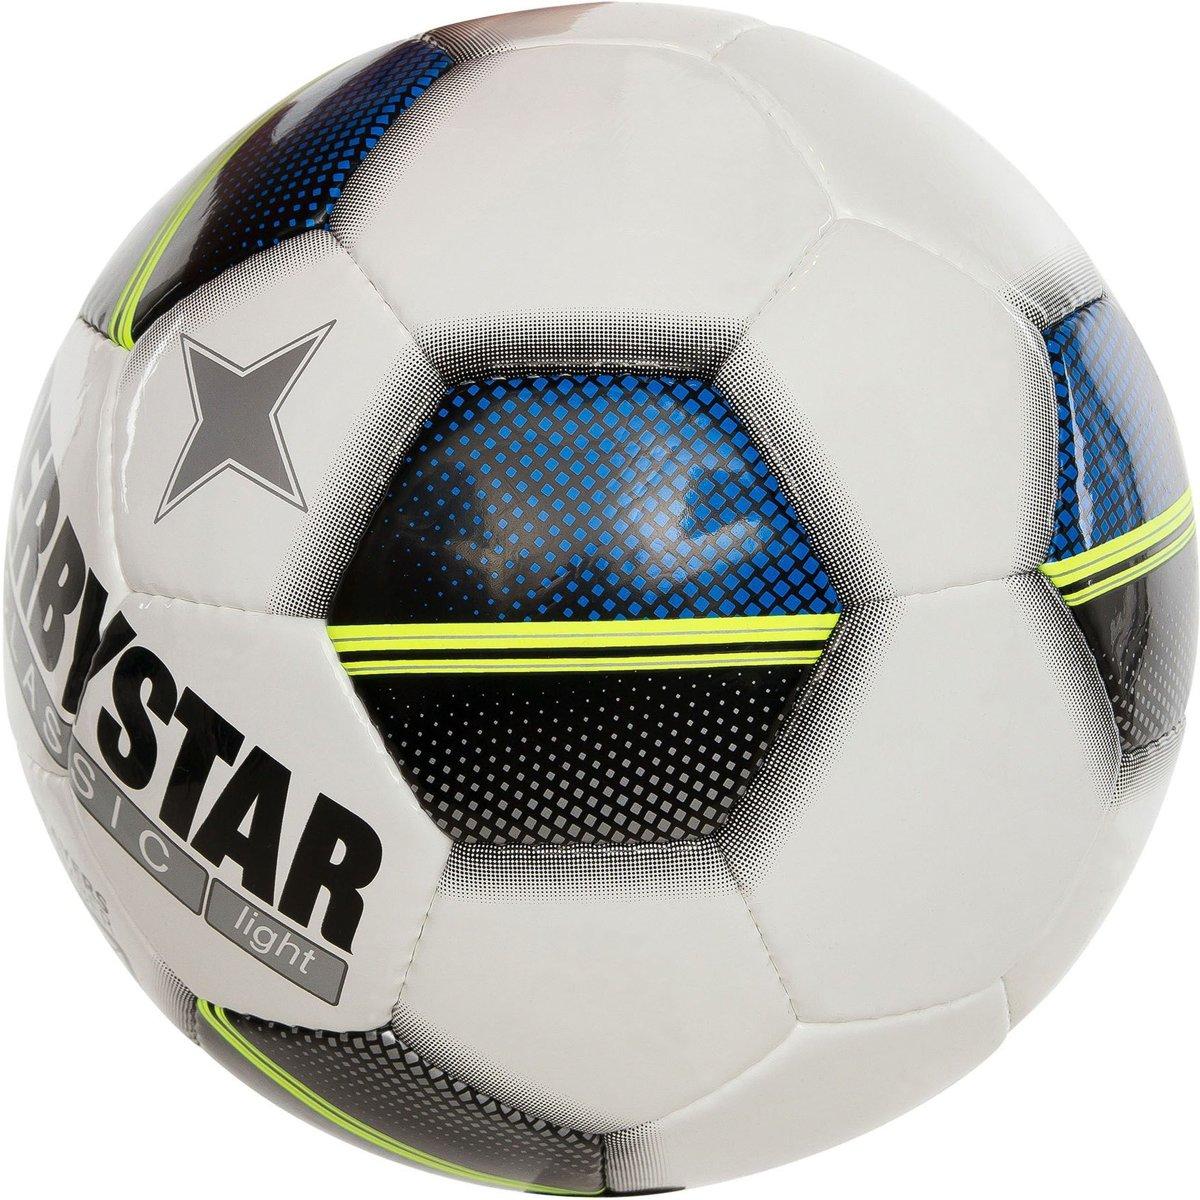 Derbystar VoetbalVolwassenen - wit/blauw/geel/zwart